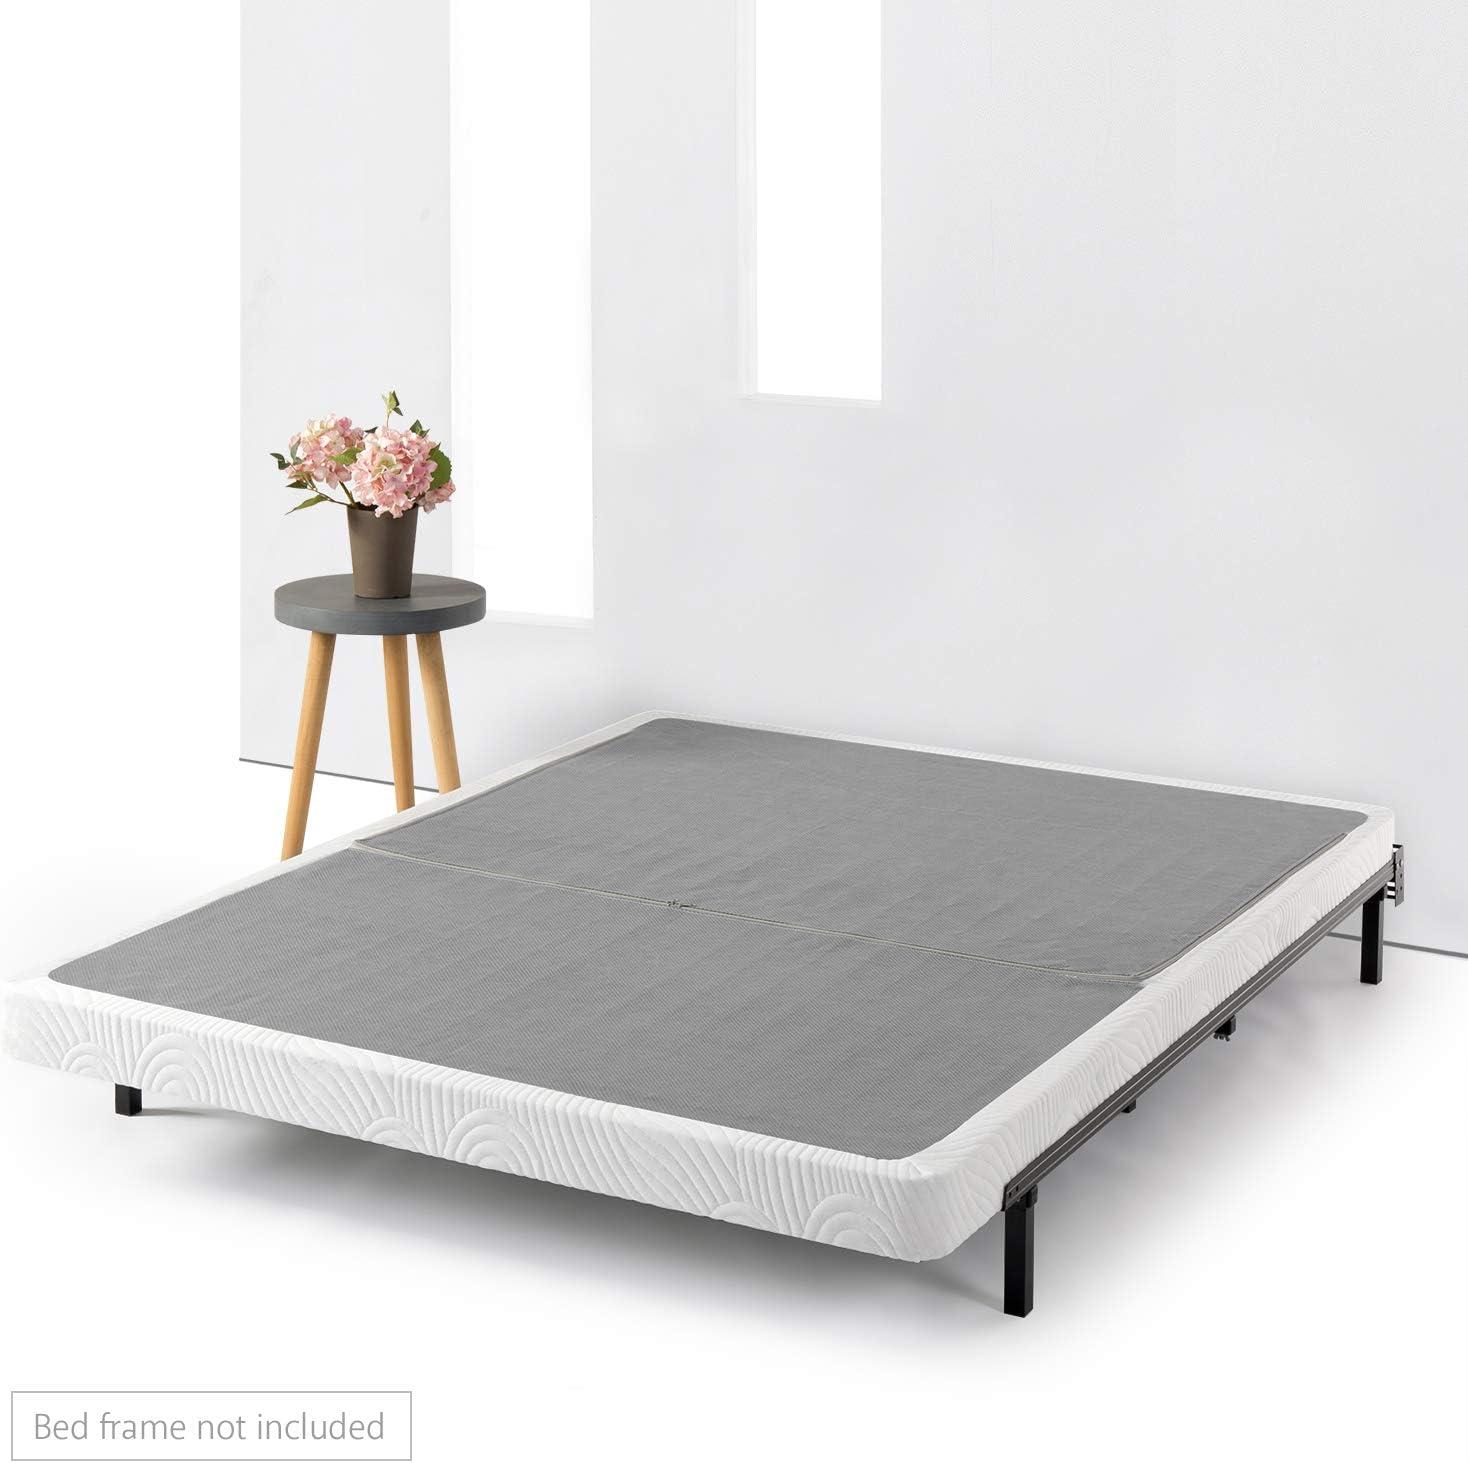 Best Price Mattress Queen Frame 14 Inch Metal Platform Beds w Wooden Slat Mattress Foundation No Box Spring Needed , Size, Black